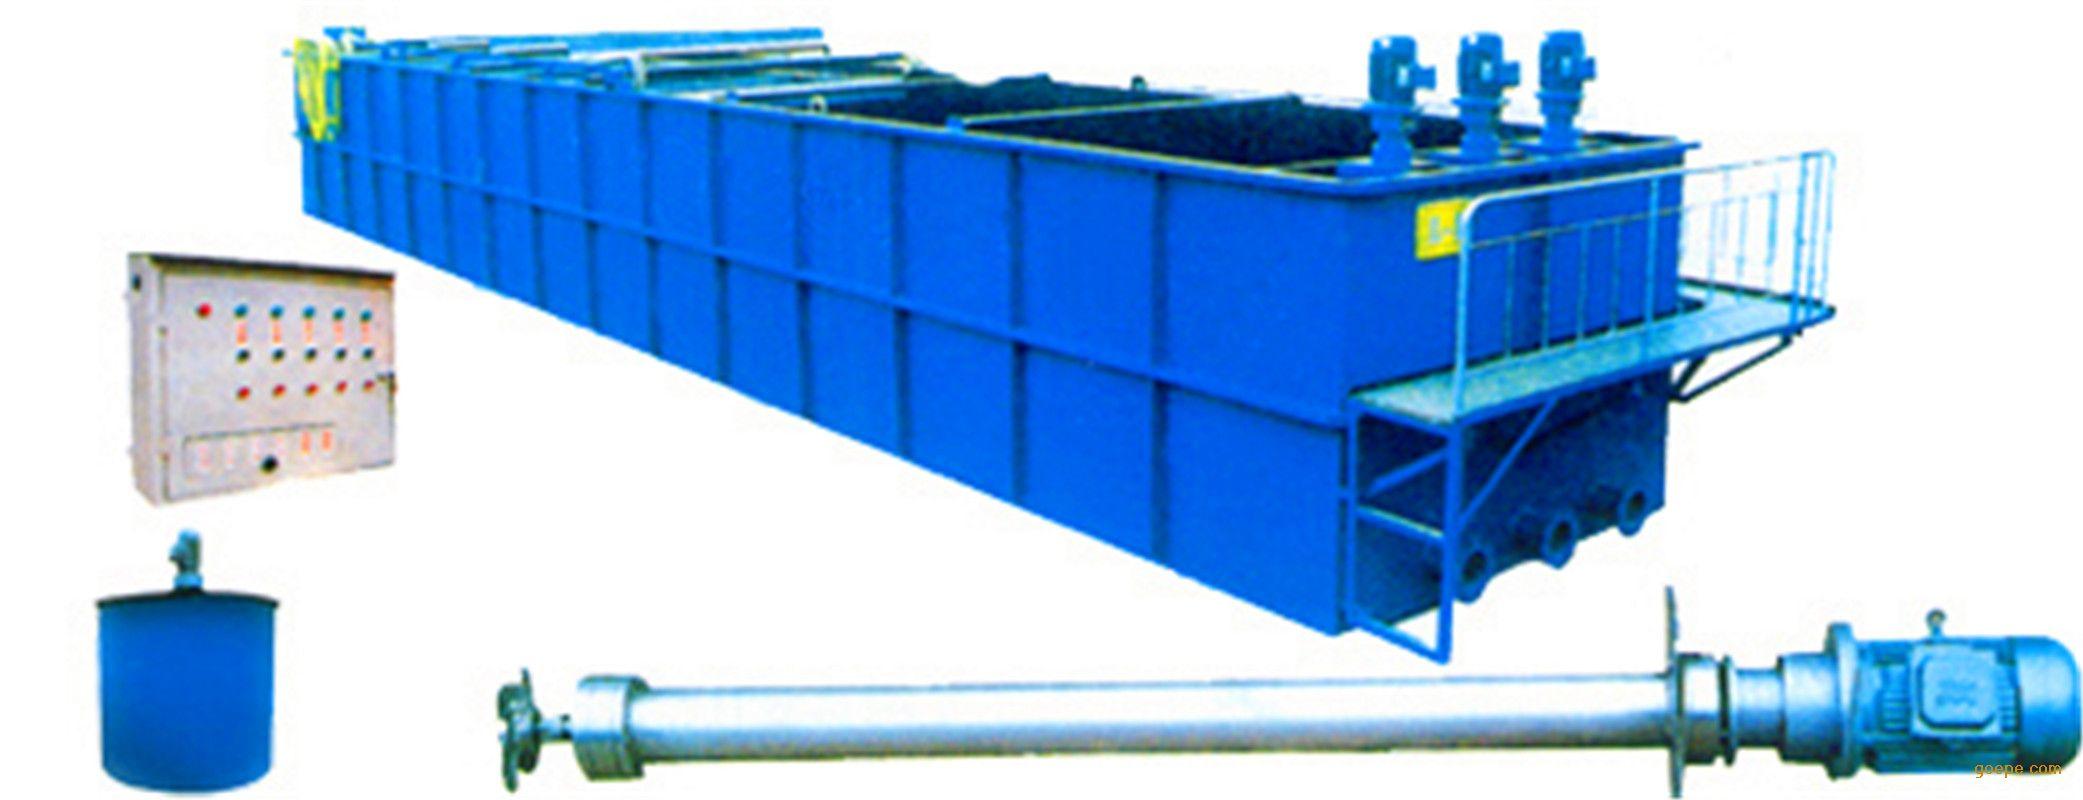 5,操作简单         qwf涡凹气浮设备结构简单,自动化程度高,操作